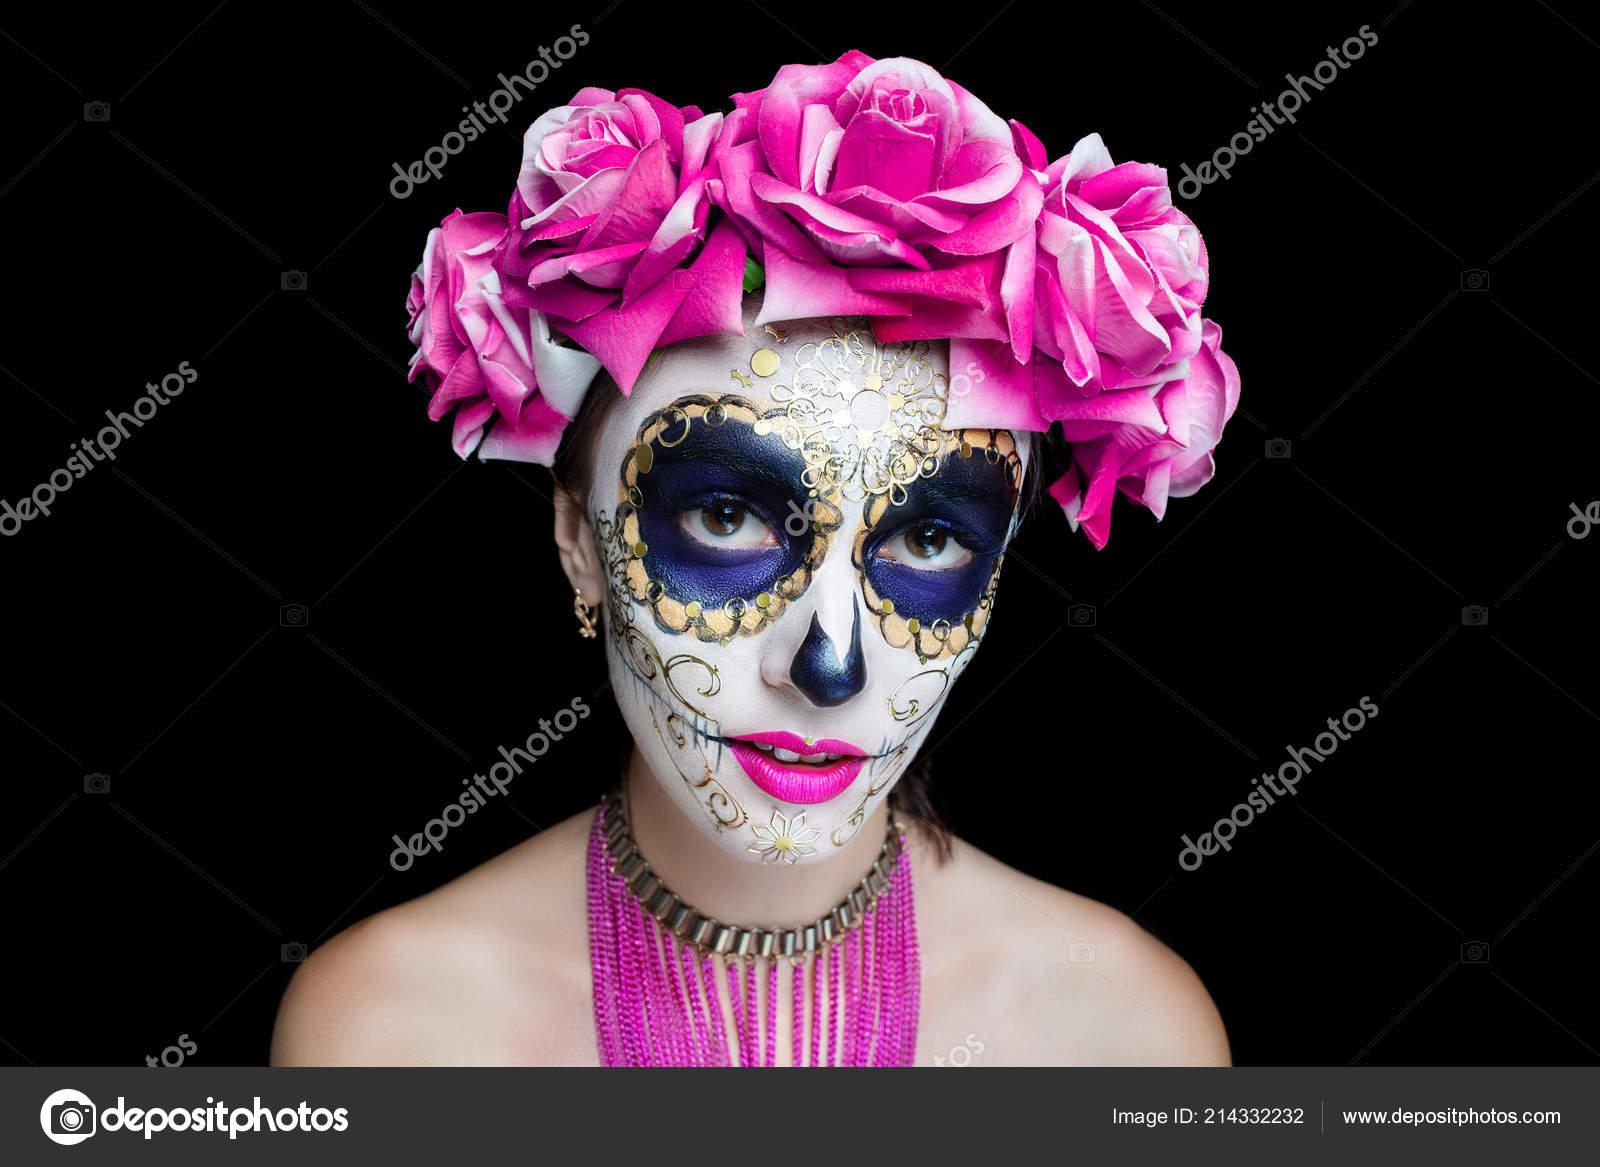 Imagenes De Maquillaje Para Descargar: Mujer Arte Maquillaje Maquillaje Calavera Miedo Para